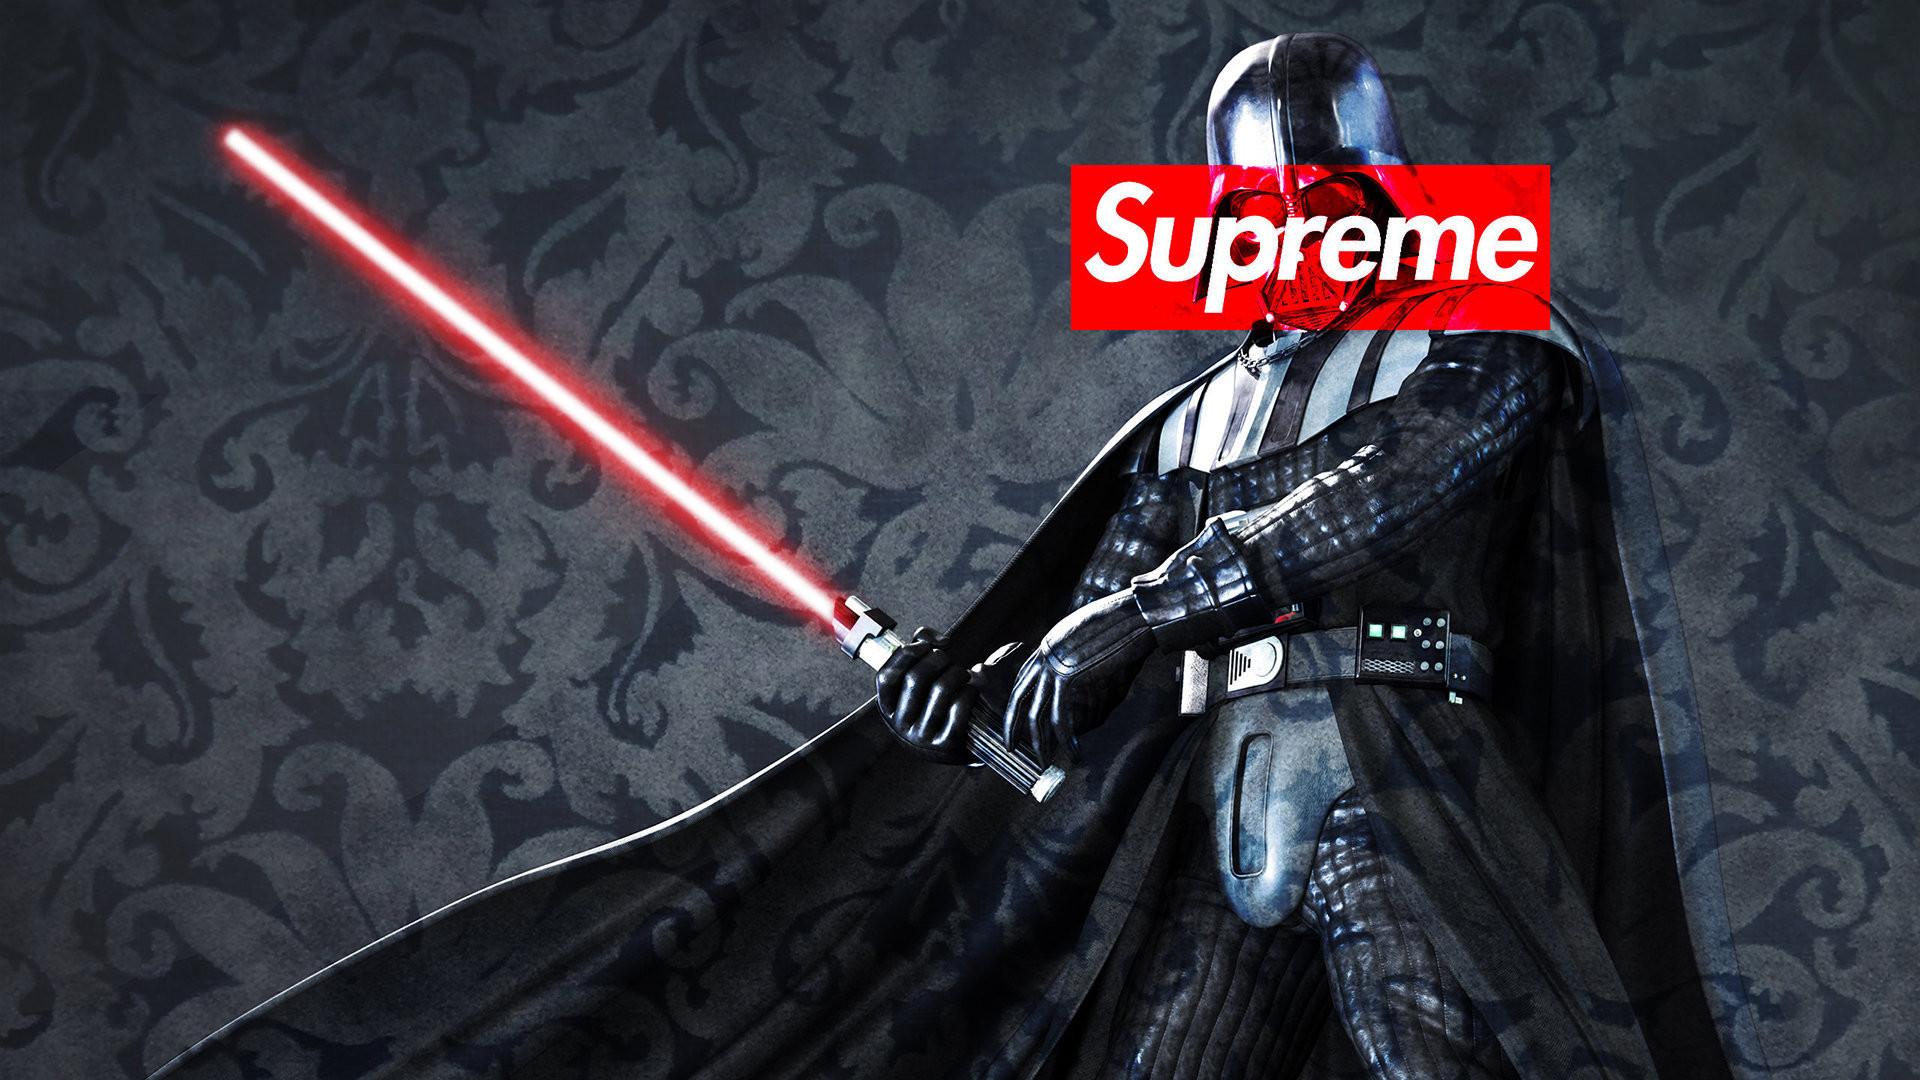 Supreme Supreme Wallpaper - Star Wars Battlefront Wallpaper Darth Vader , HD Wallpaper & Backgrounds